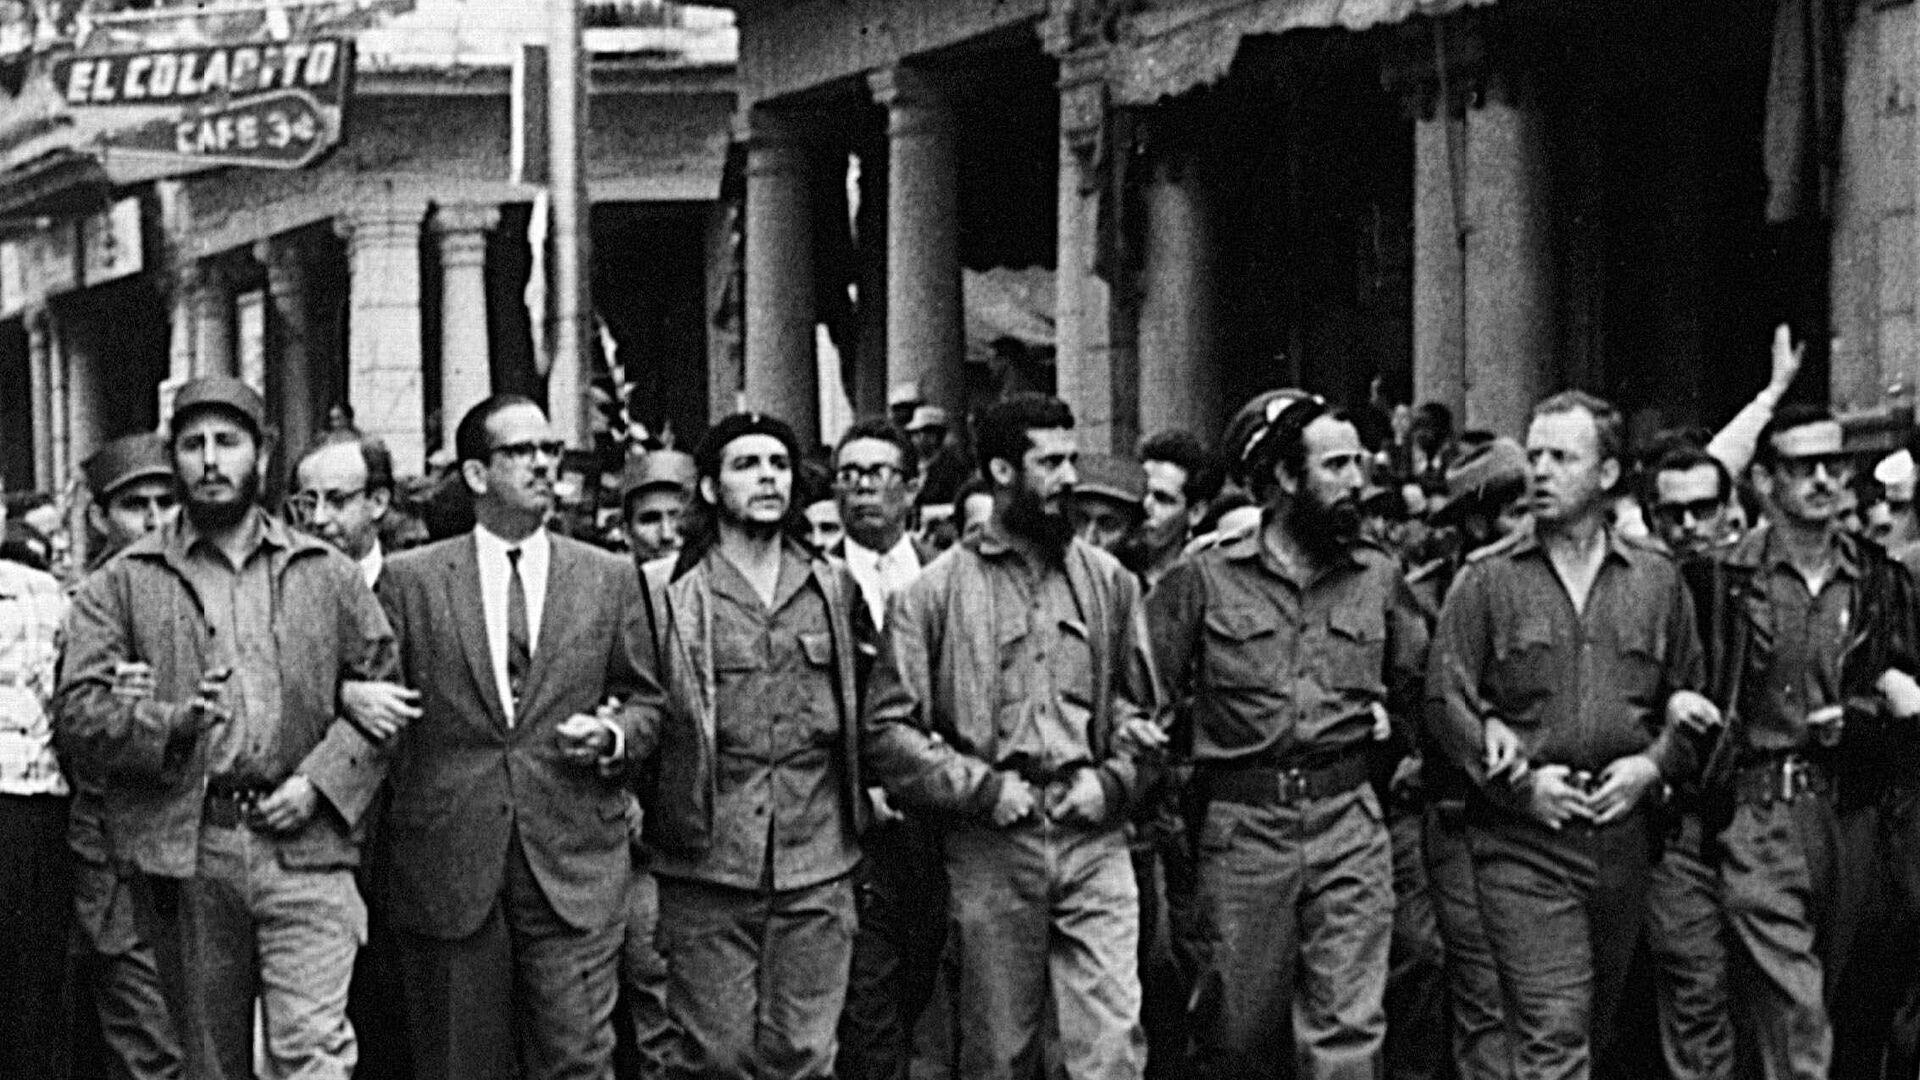 Fidel Castro, Osvaldo Dorticós y Che Guevara marchan por las víctimas de la explosión del buque francés La Coubre en La Habana, en 1960 - Sputnik Mundo, 1920, 04.03.2021